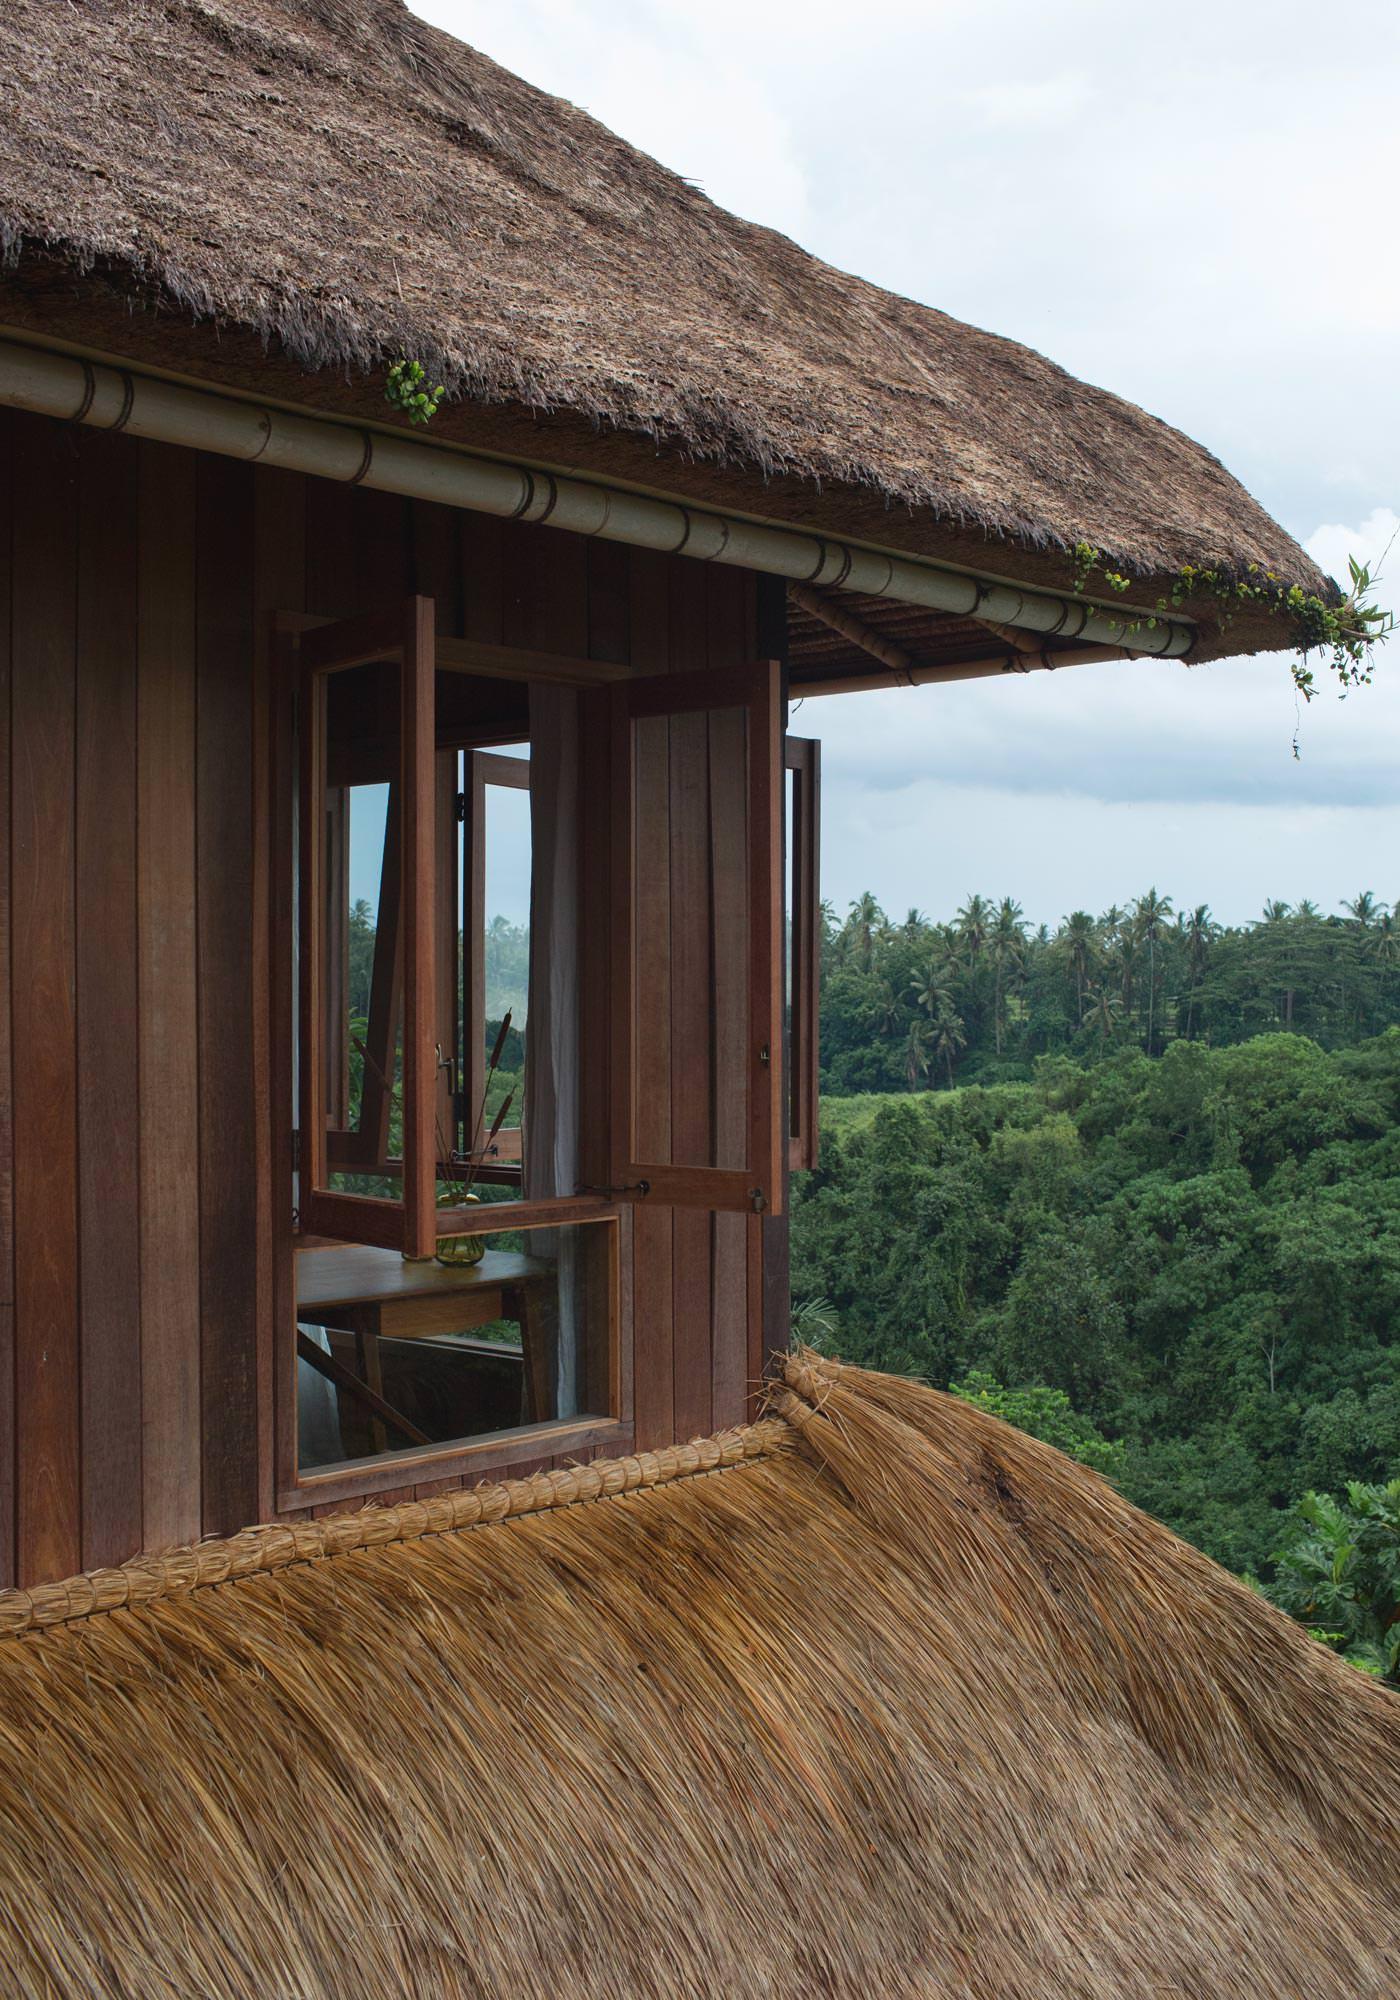 Villa Rumah Purnama, © Studio Jencquel, Location de Maisons à Bali, Village de Campuhan, Ubud, Indonésie